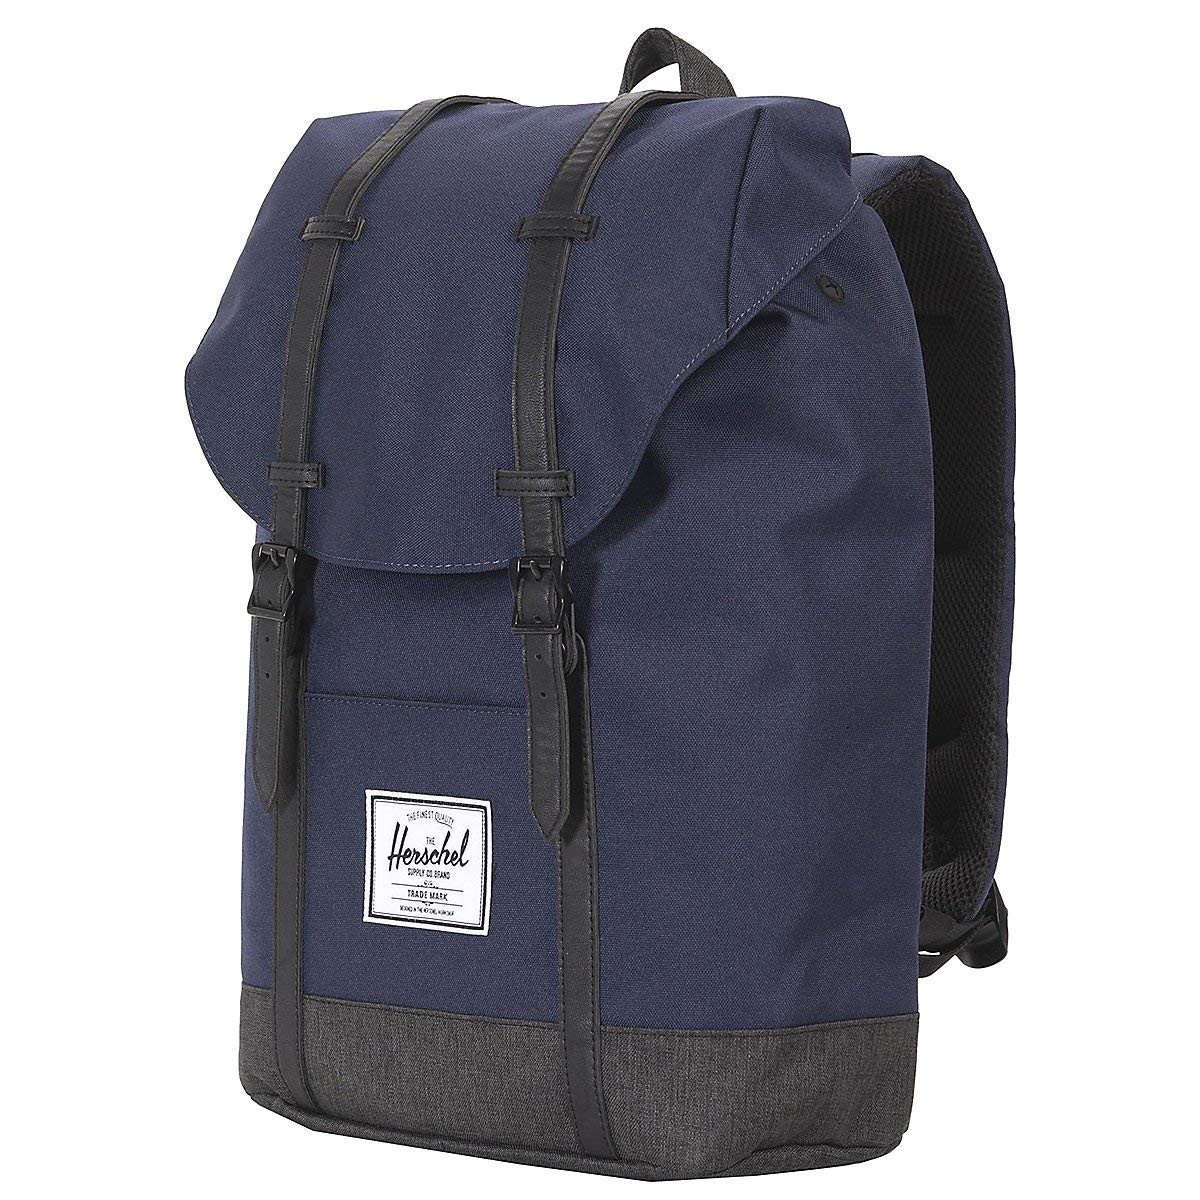 Herschel Retreat Backpack, Peacoat/Black Crosshatch, One Size